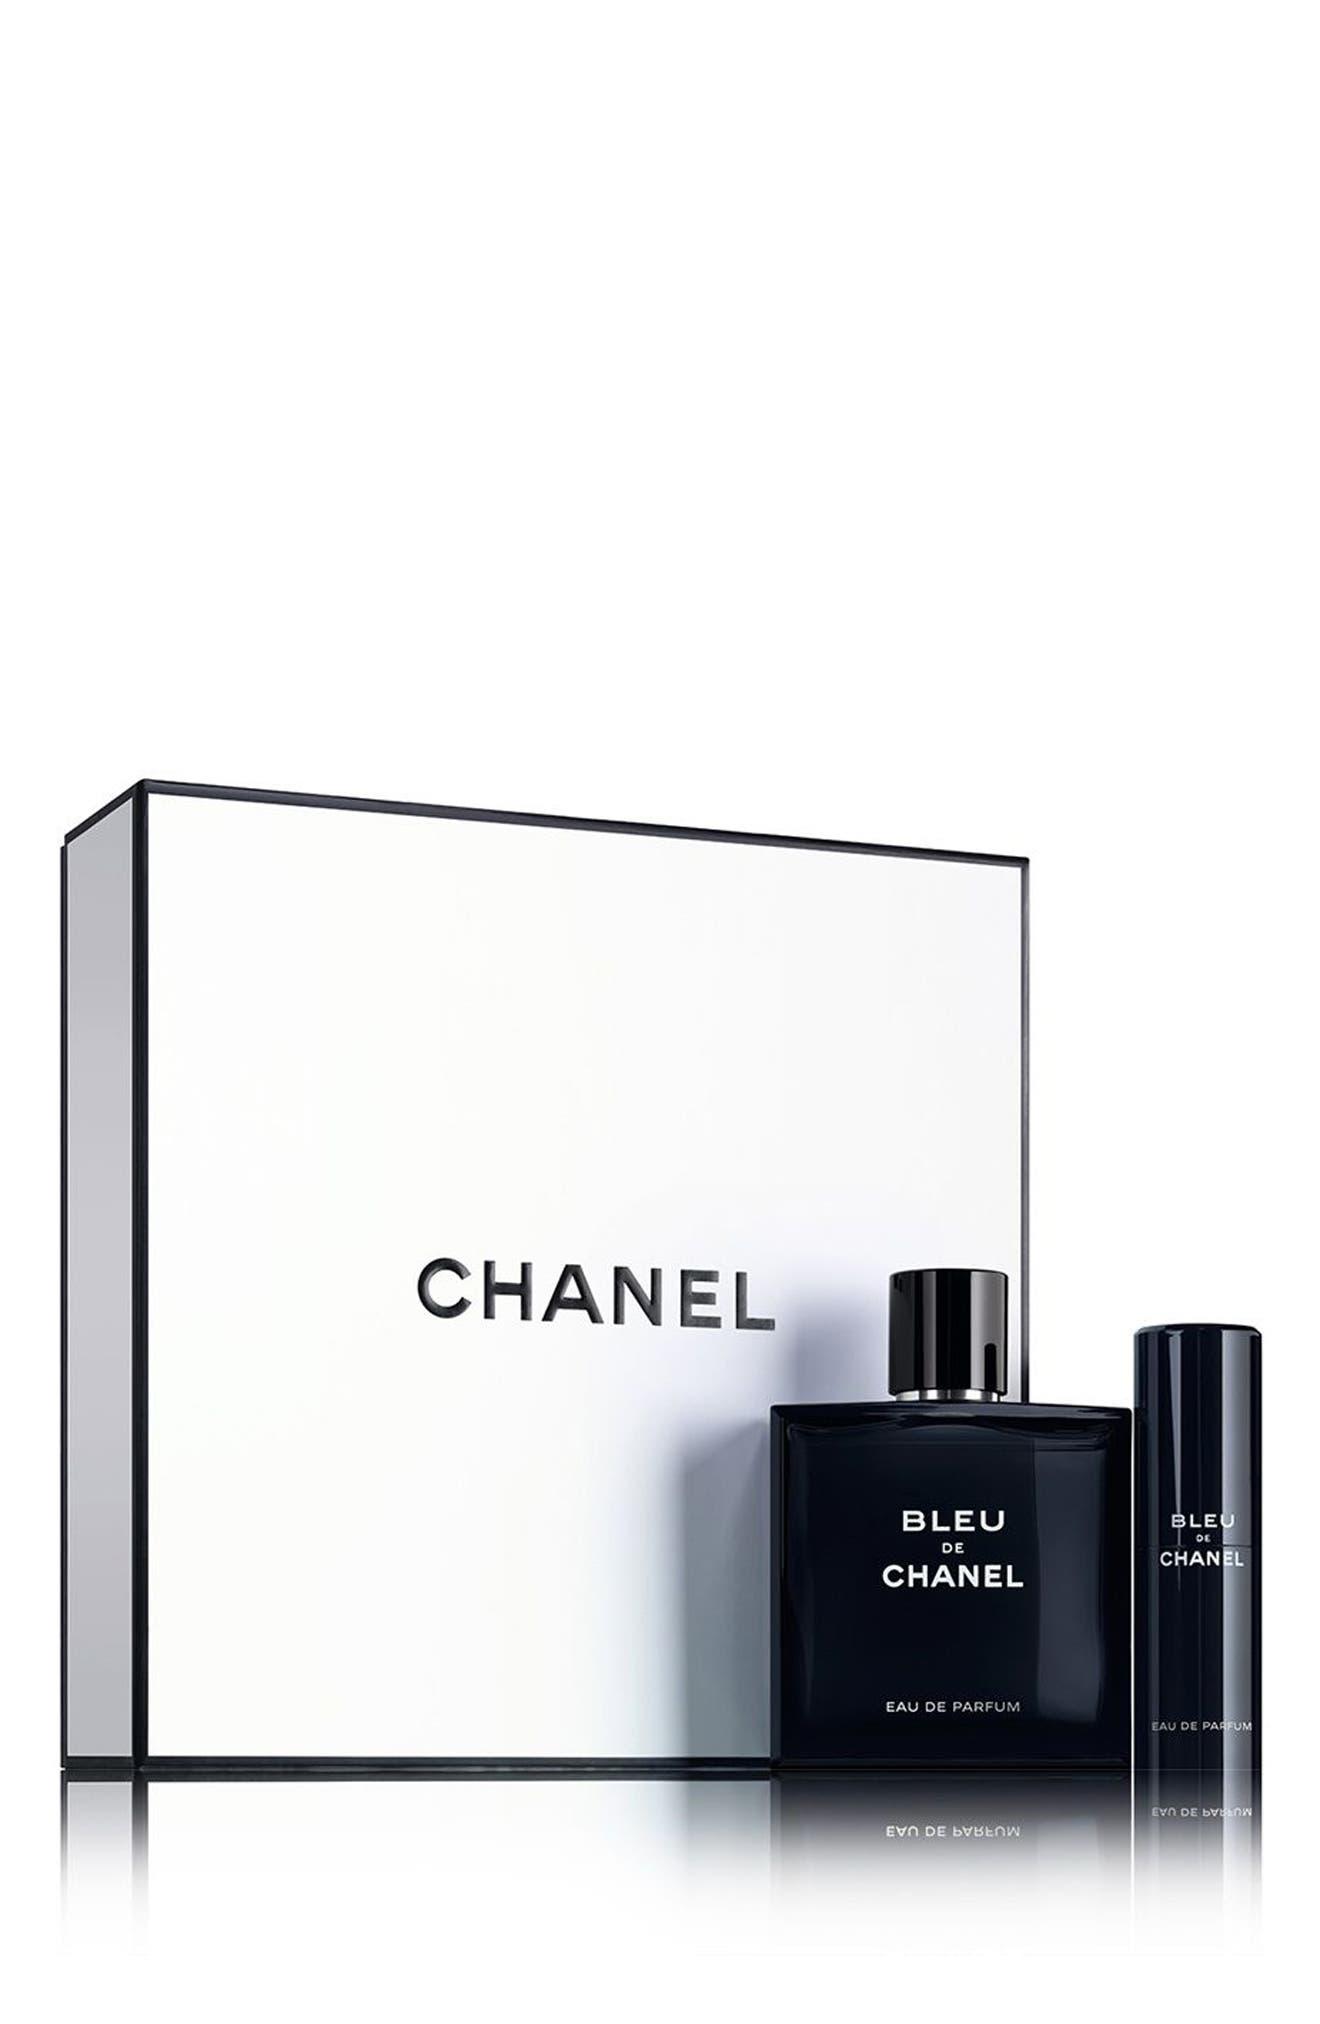 CHANEL BLEU DE CHANEL  Eau de Parfum Set